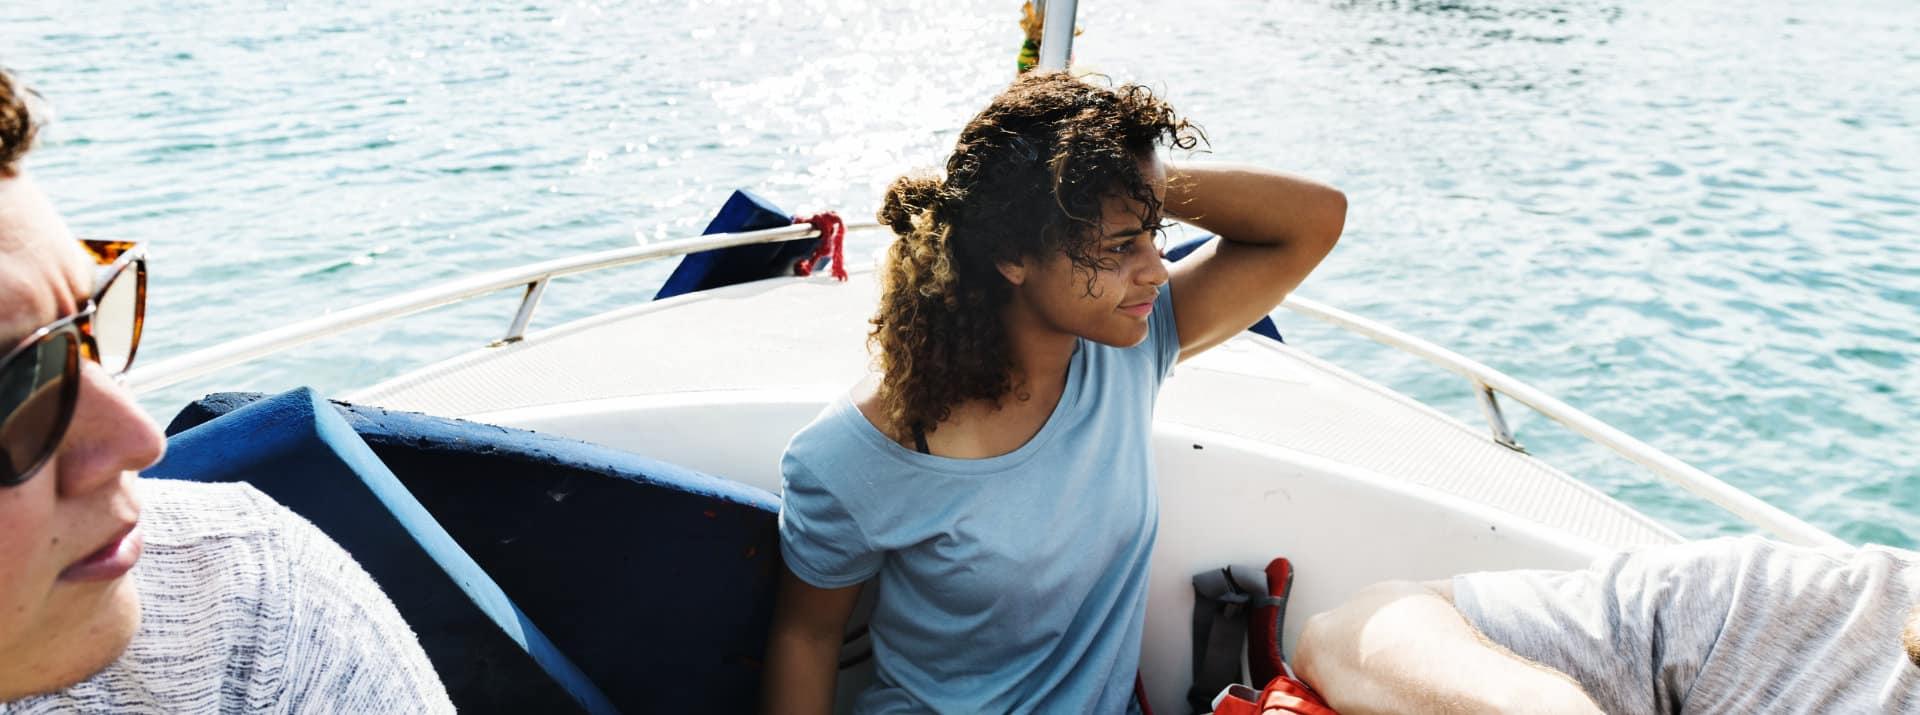 Boat transfers Splt